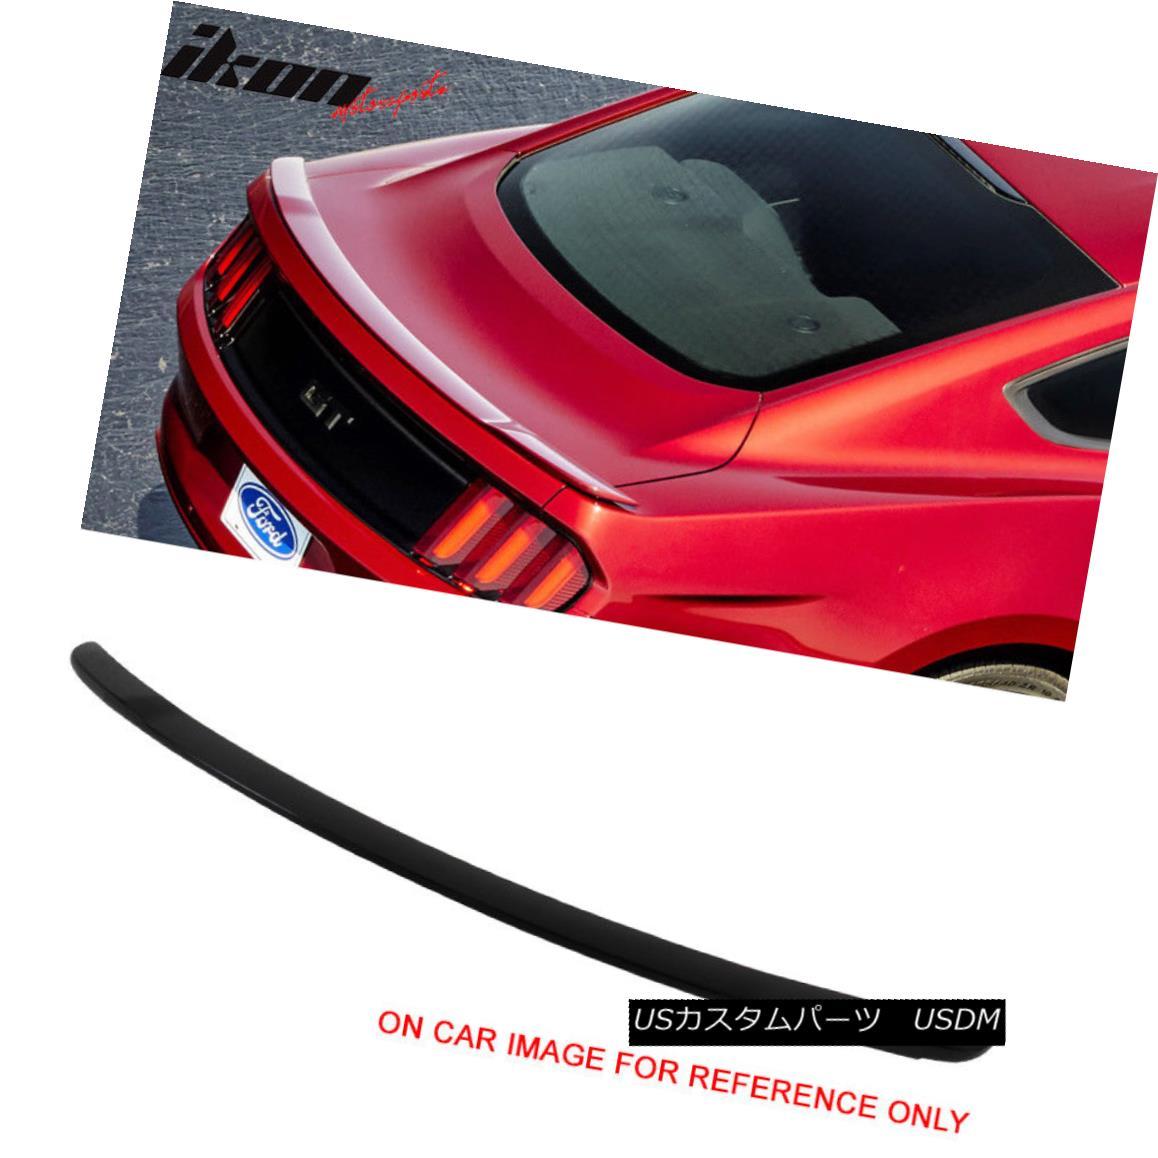 エアロパーツ 15-18 Ford Mustang 2Dr GT Style Painted Trunk Spoiler Wing #UA Ebony 15-18フォードマスタング2Dr GTスタイル塗装トランクスポイラーウイング#UA Ebony